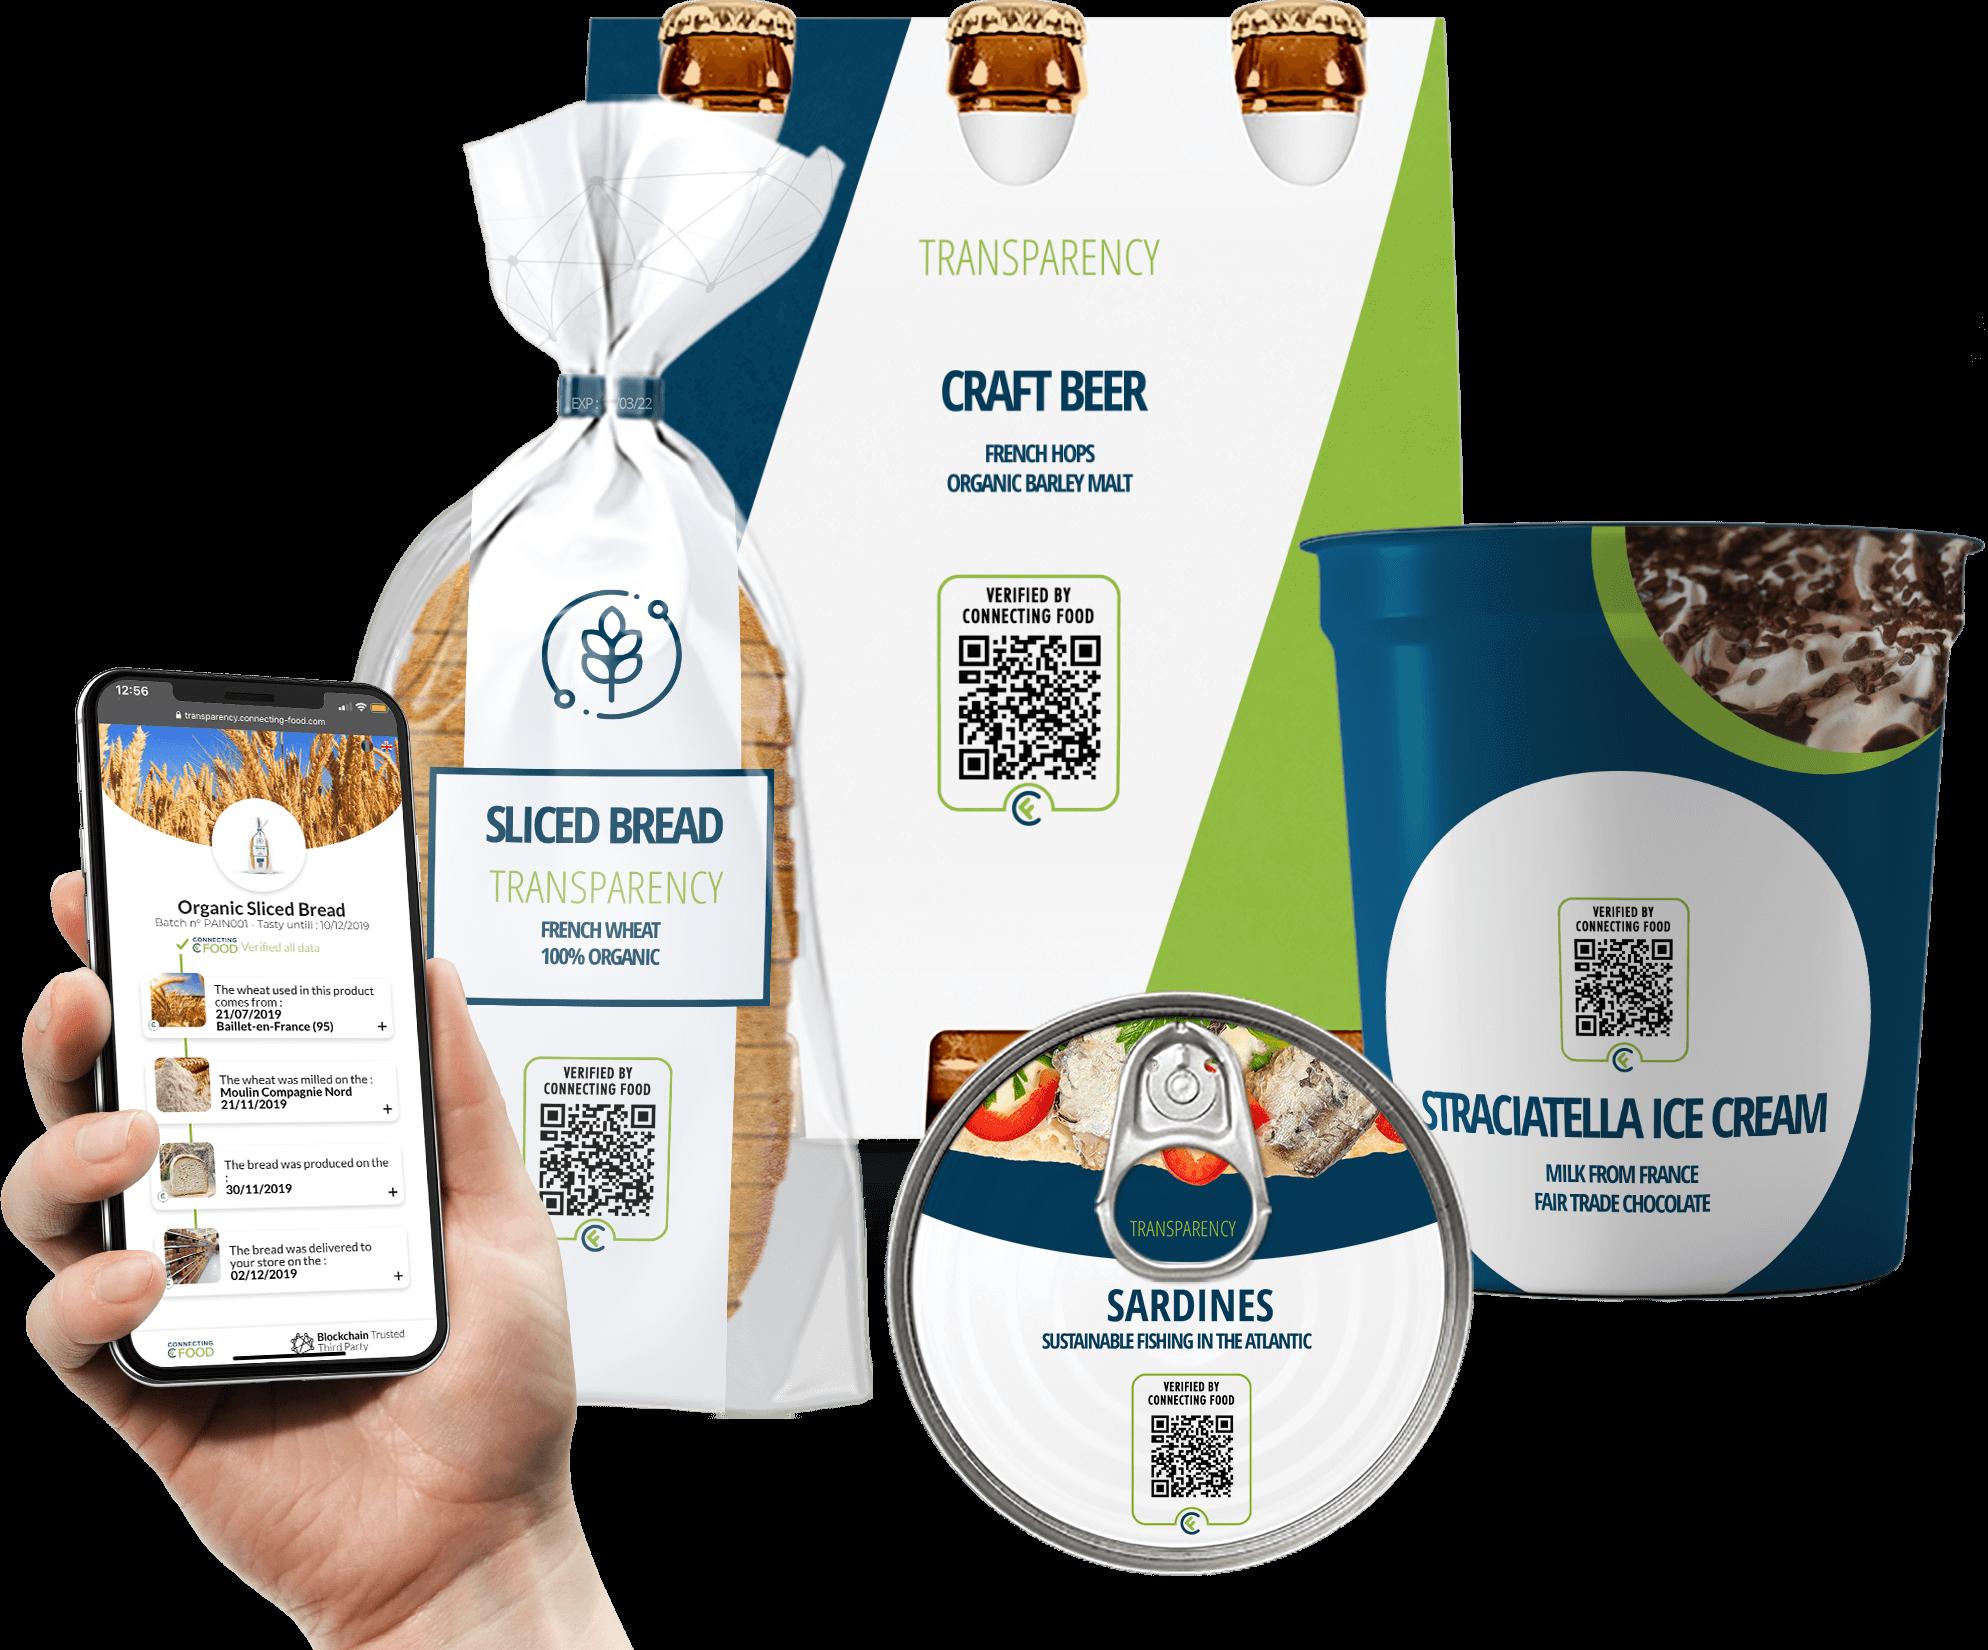 ブロックチェーンを利用した品質監査プラットフォームを提供する農業ベンチャー企業Connecting Food社について解説